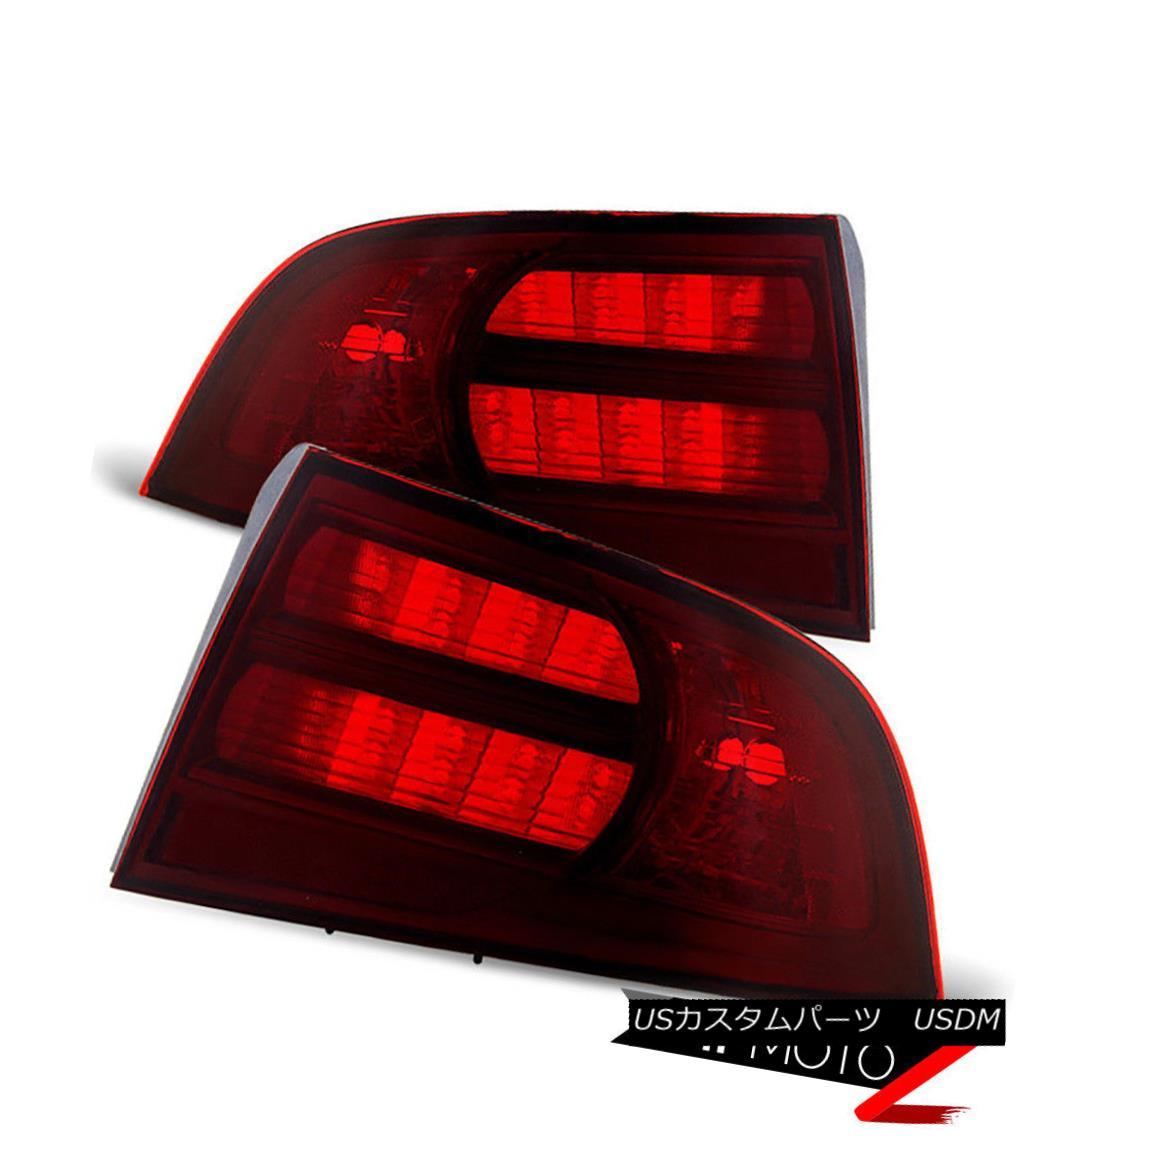 テールライト 2004-2008 Acura TL | TYPE-S Dark Red Rear Tail Lights Lamps PAIR Assembly PAIR 2004-2008 Acura TL | TYPE-SダークレッドリアテールライトランプPAIR Assembly PAIR